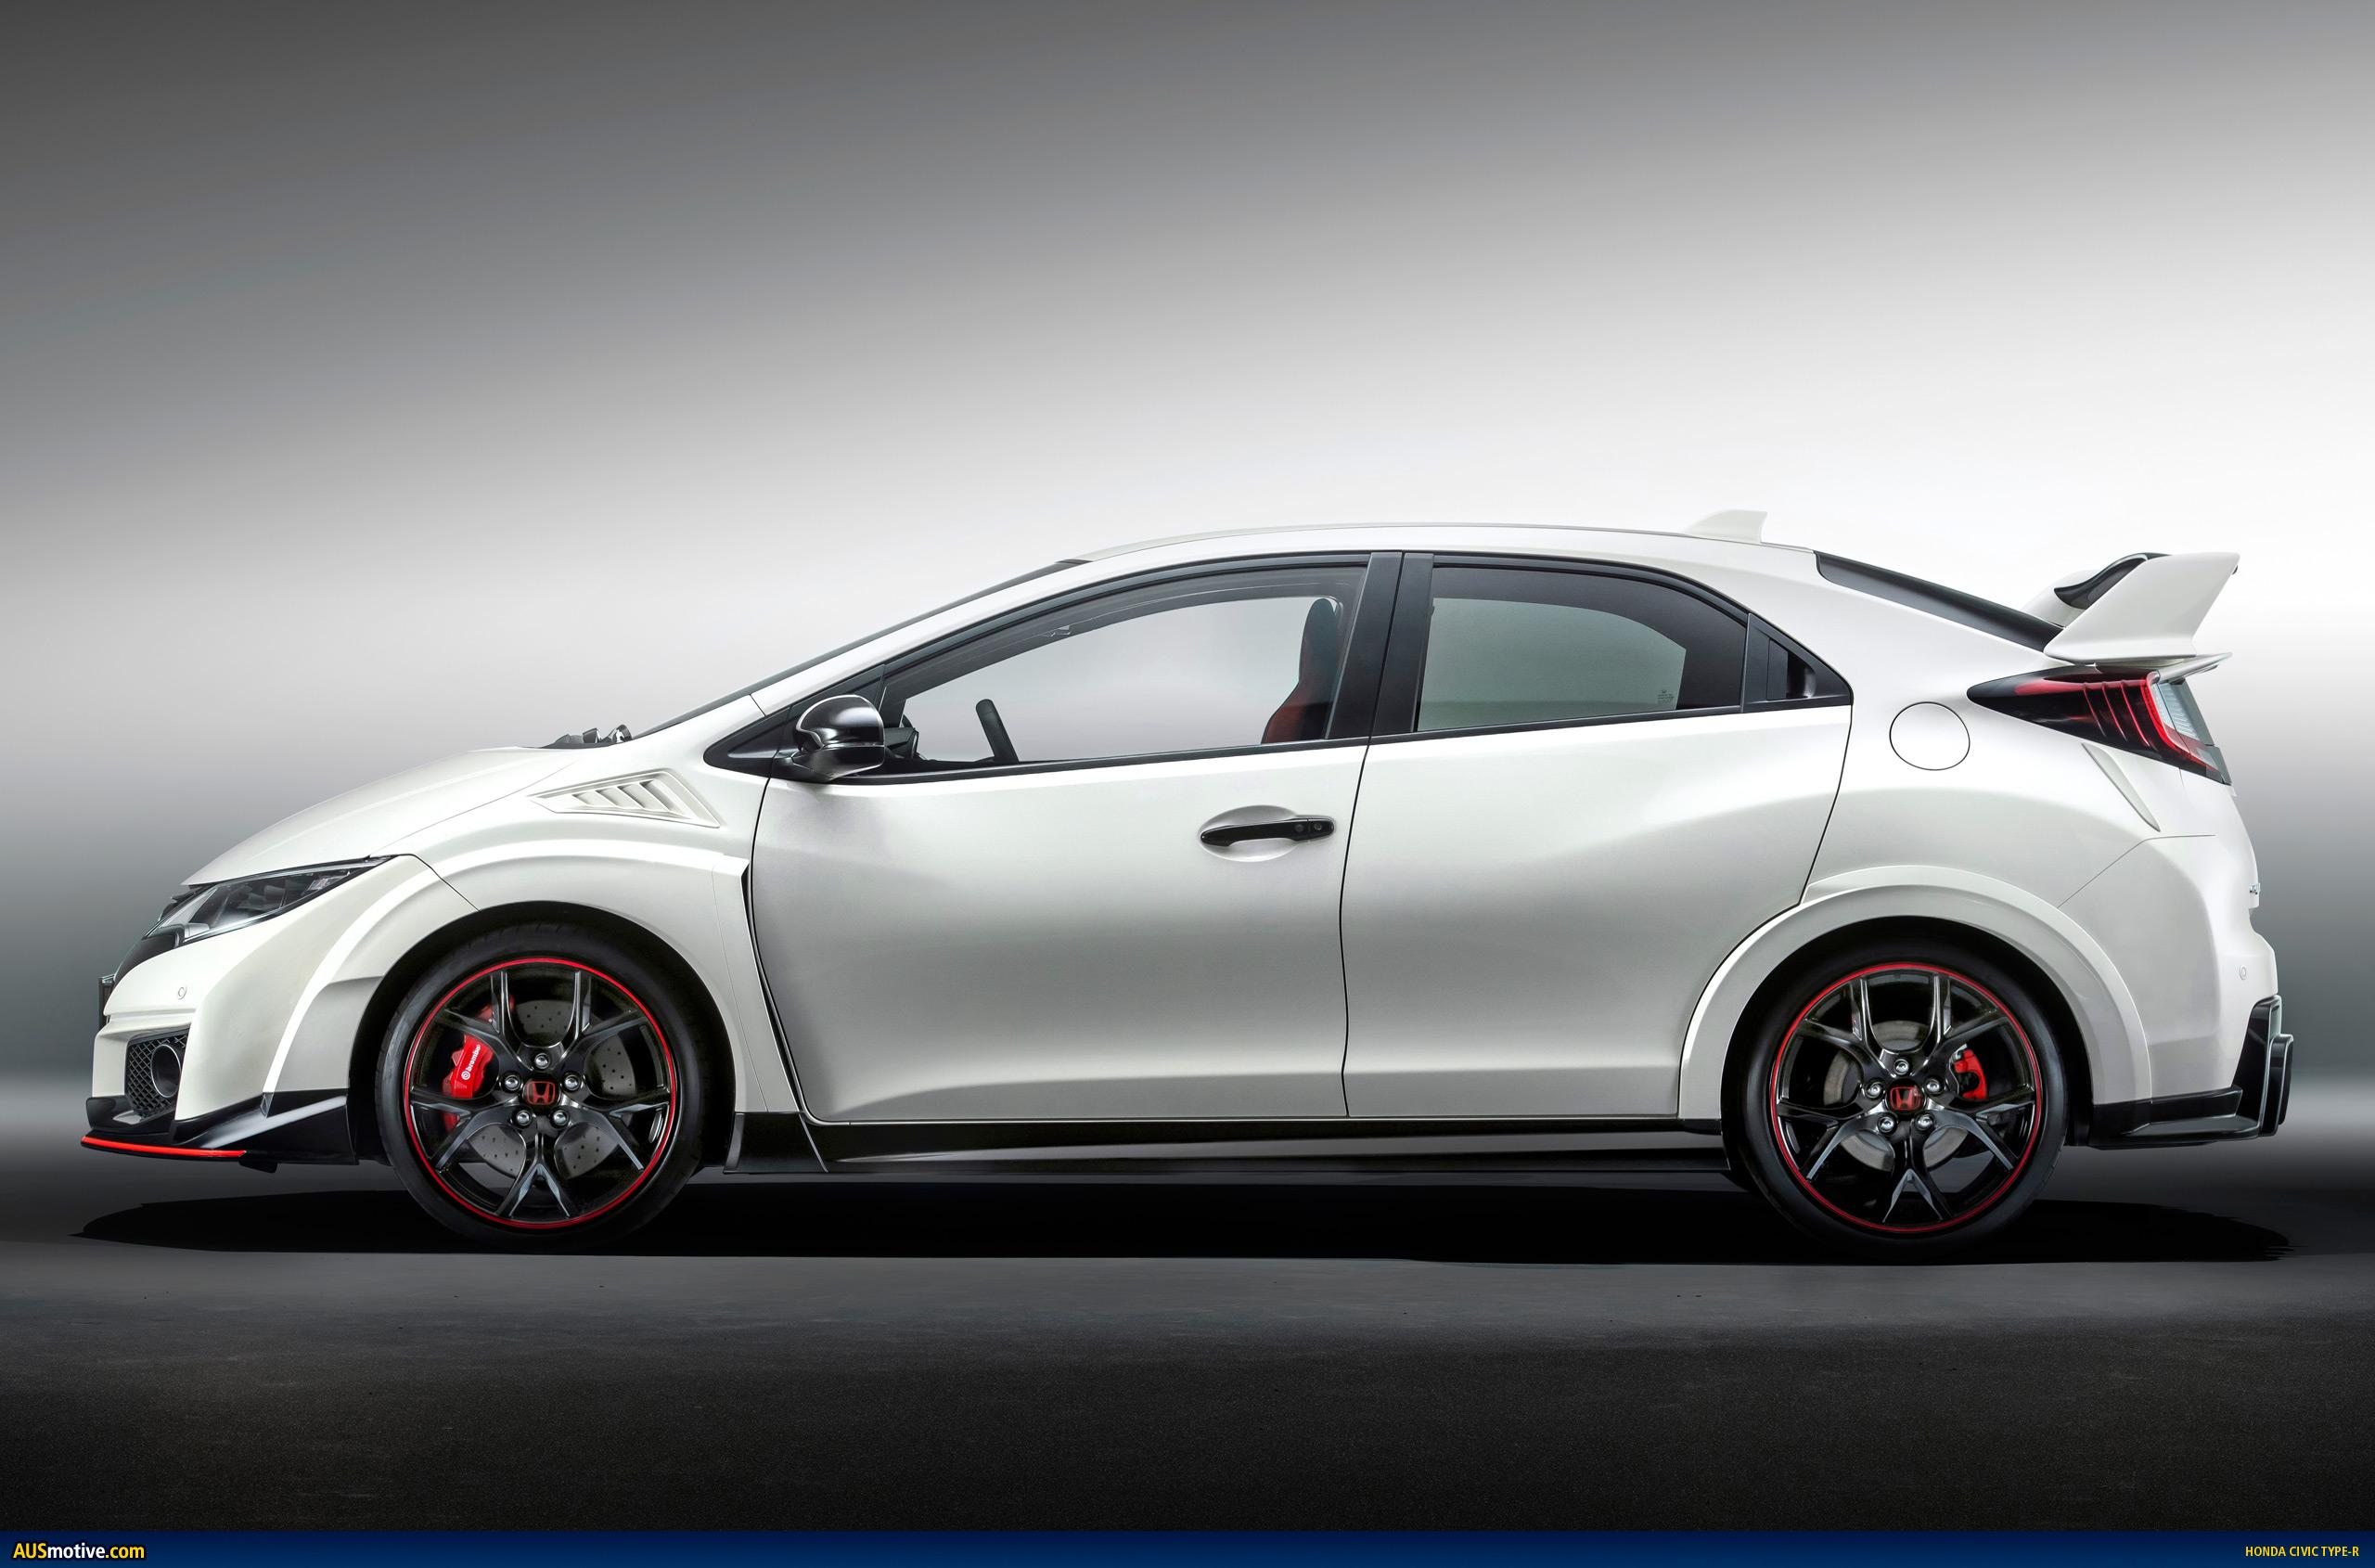 AUSmotive.com » Geneva 2015: Honda Civic Type R